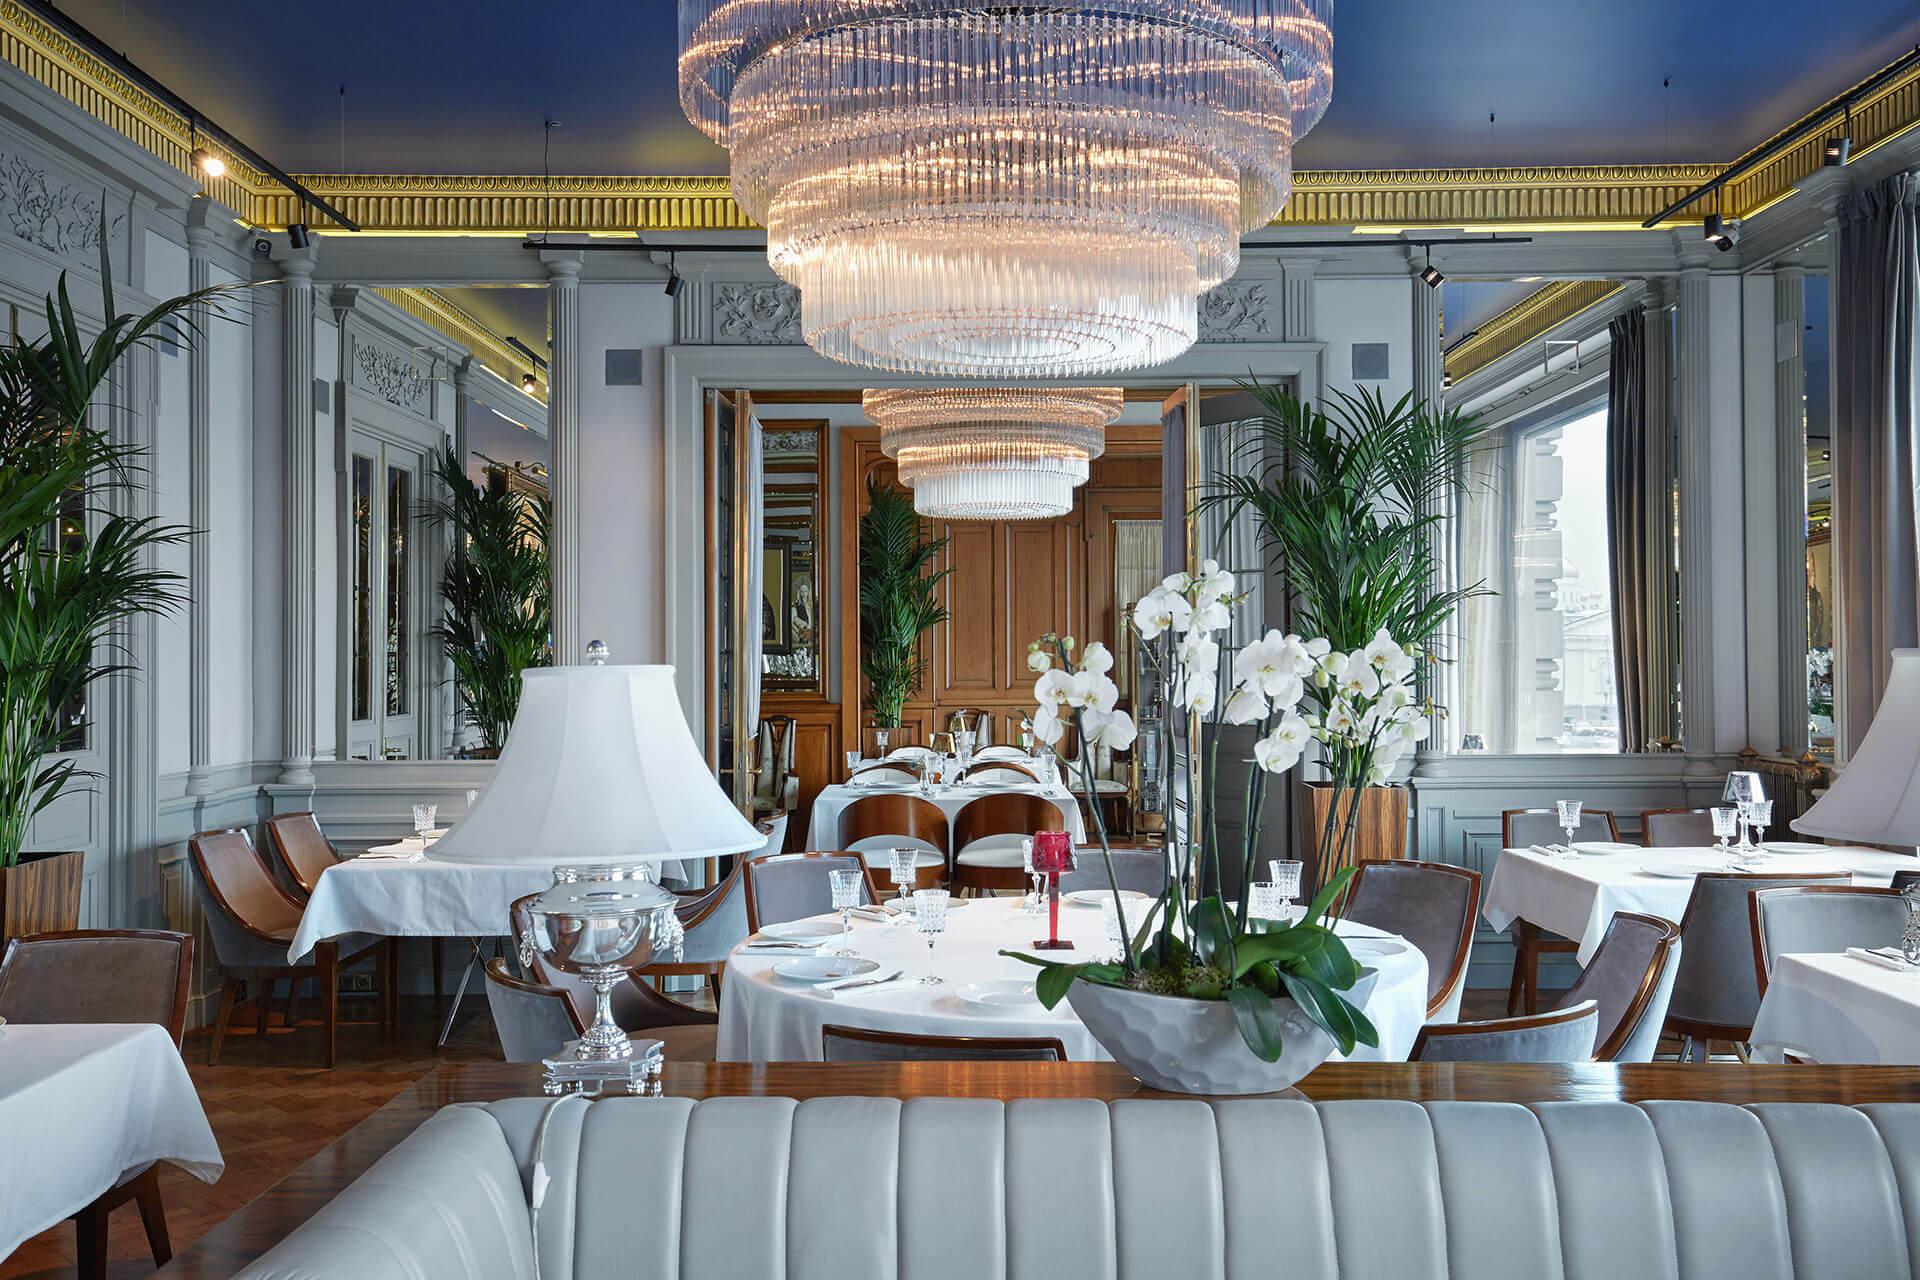 Рестораны Москвы 20 самых лучших ресторанов столицы